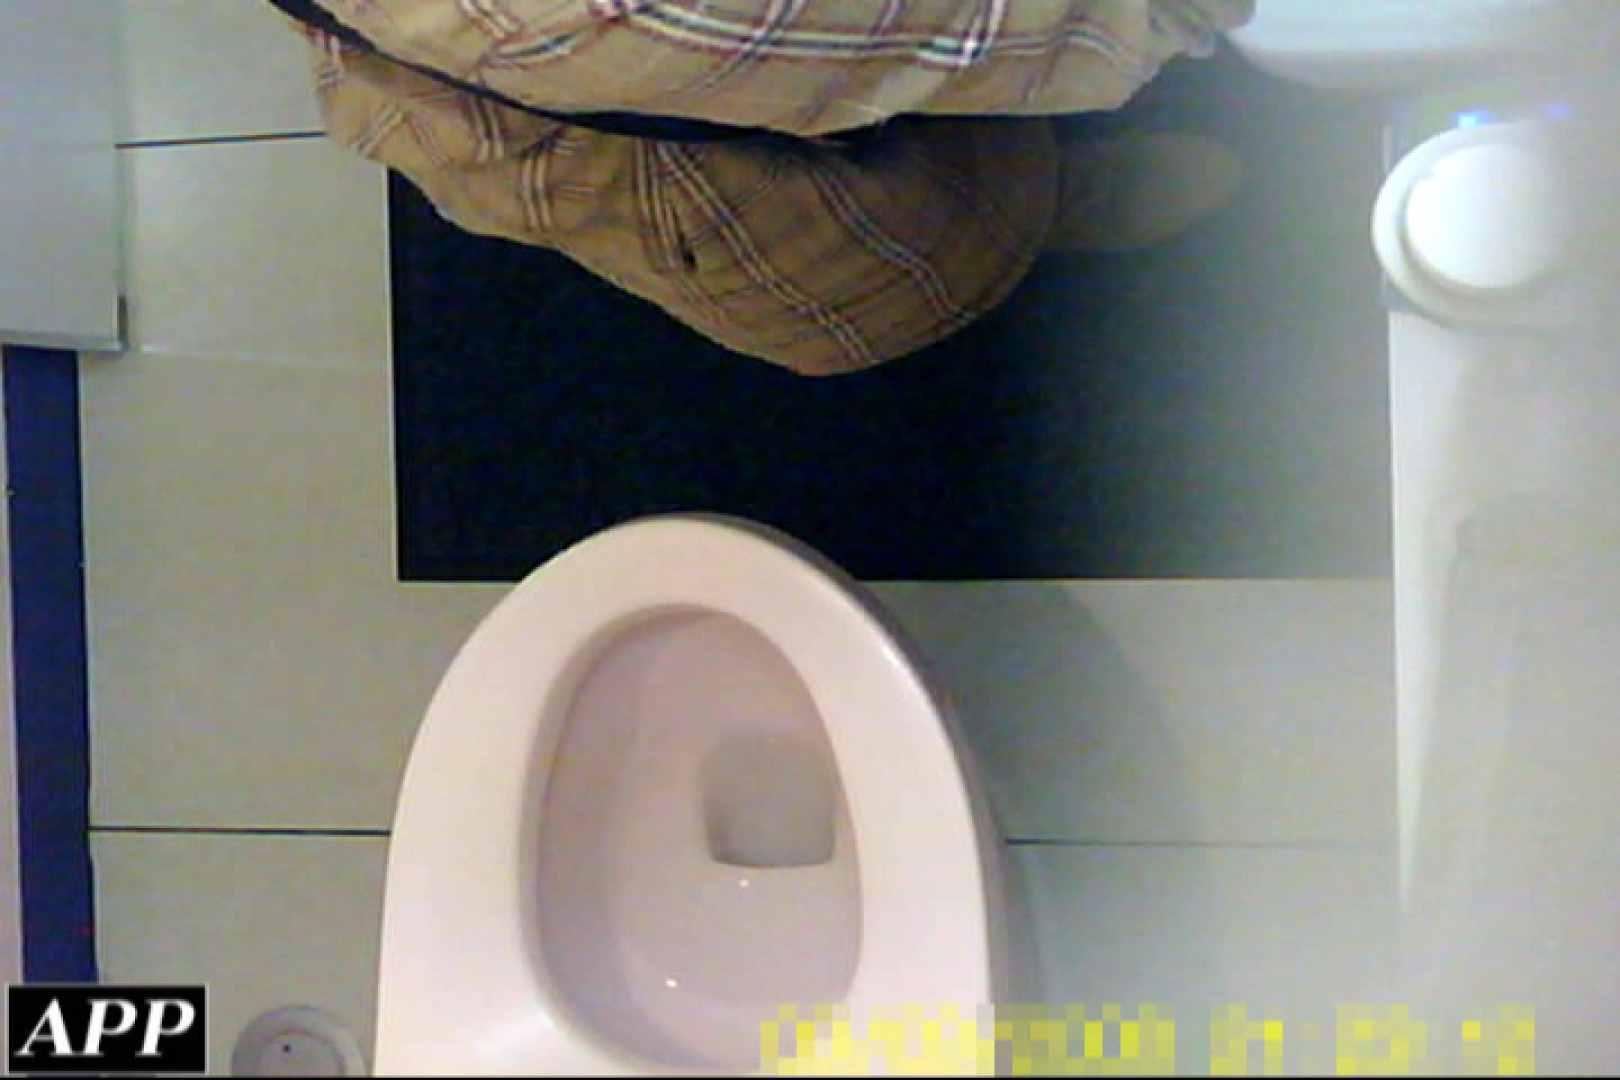 3視点洗面所 vol.08 マンコ AV動画キャプチャ 108画像 19